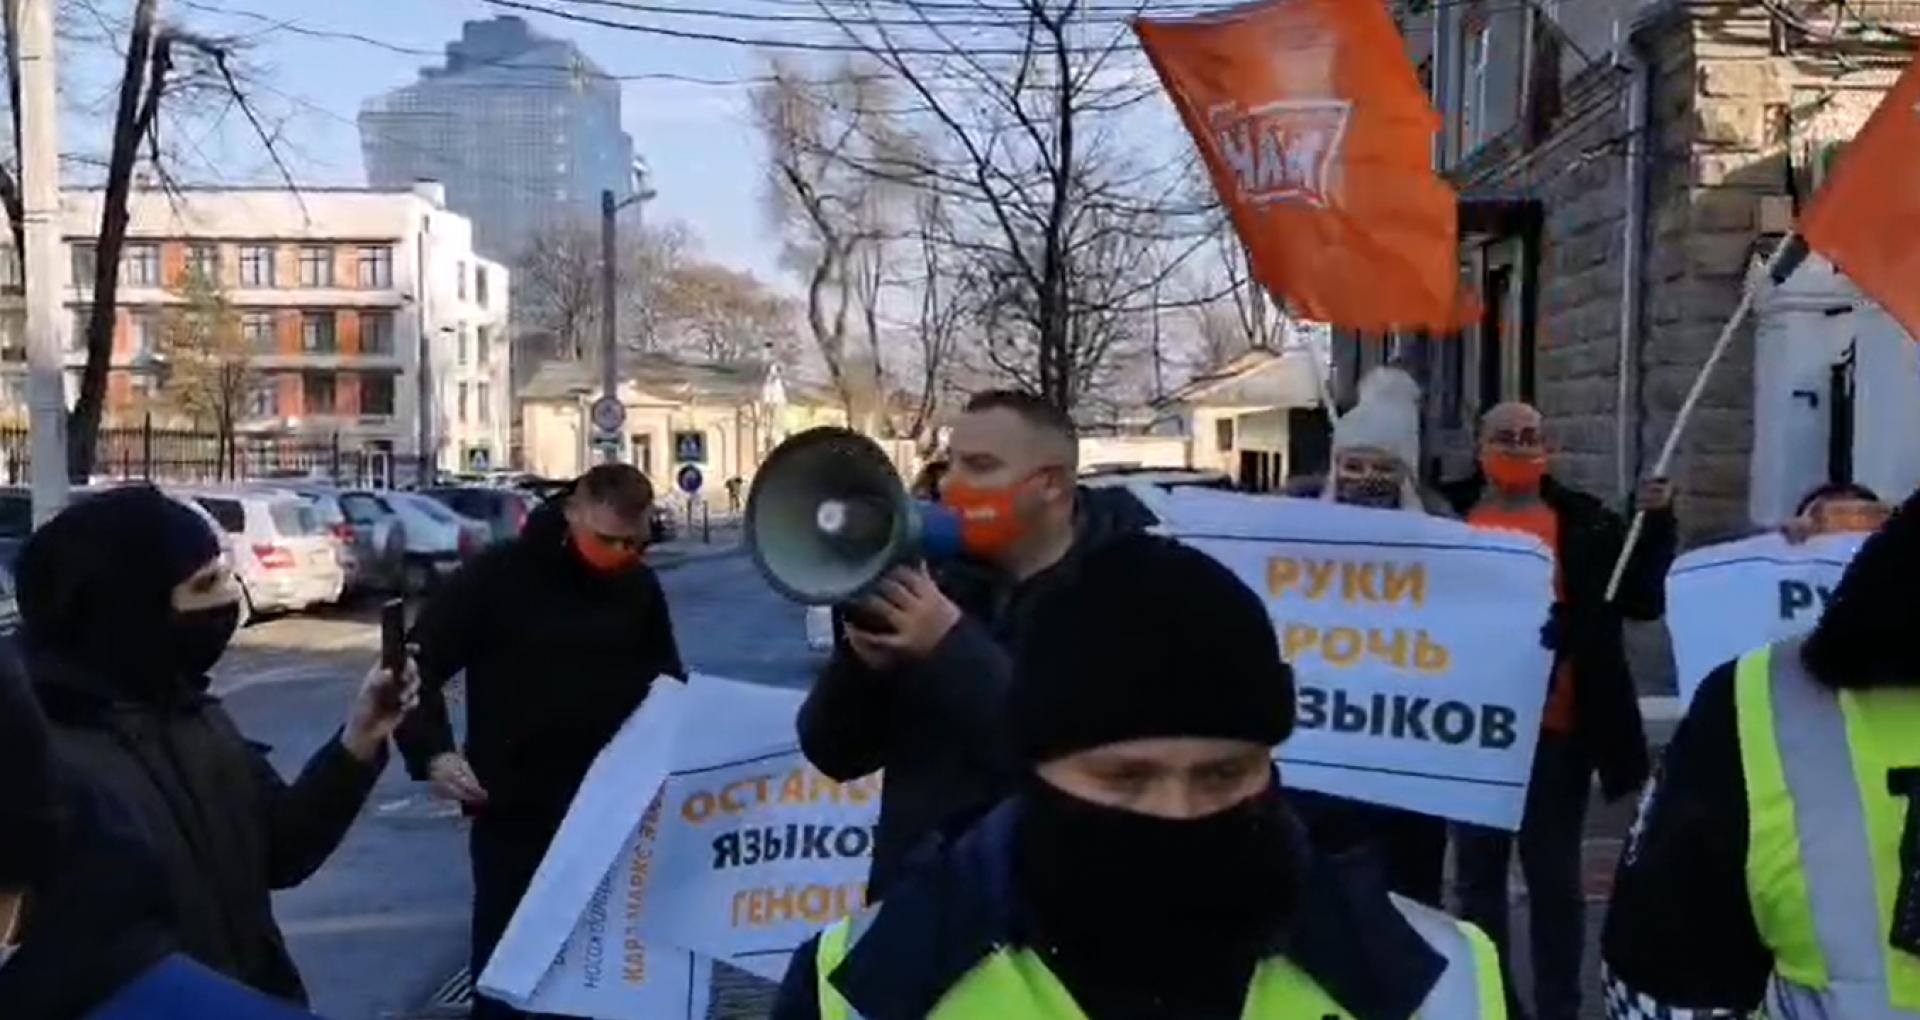 VIDEO/ Protest pro și contra limbii ruse la CC, unde este examinată constituționalitatea legii cu privire la limbile vorbite